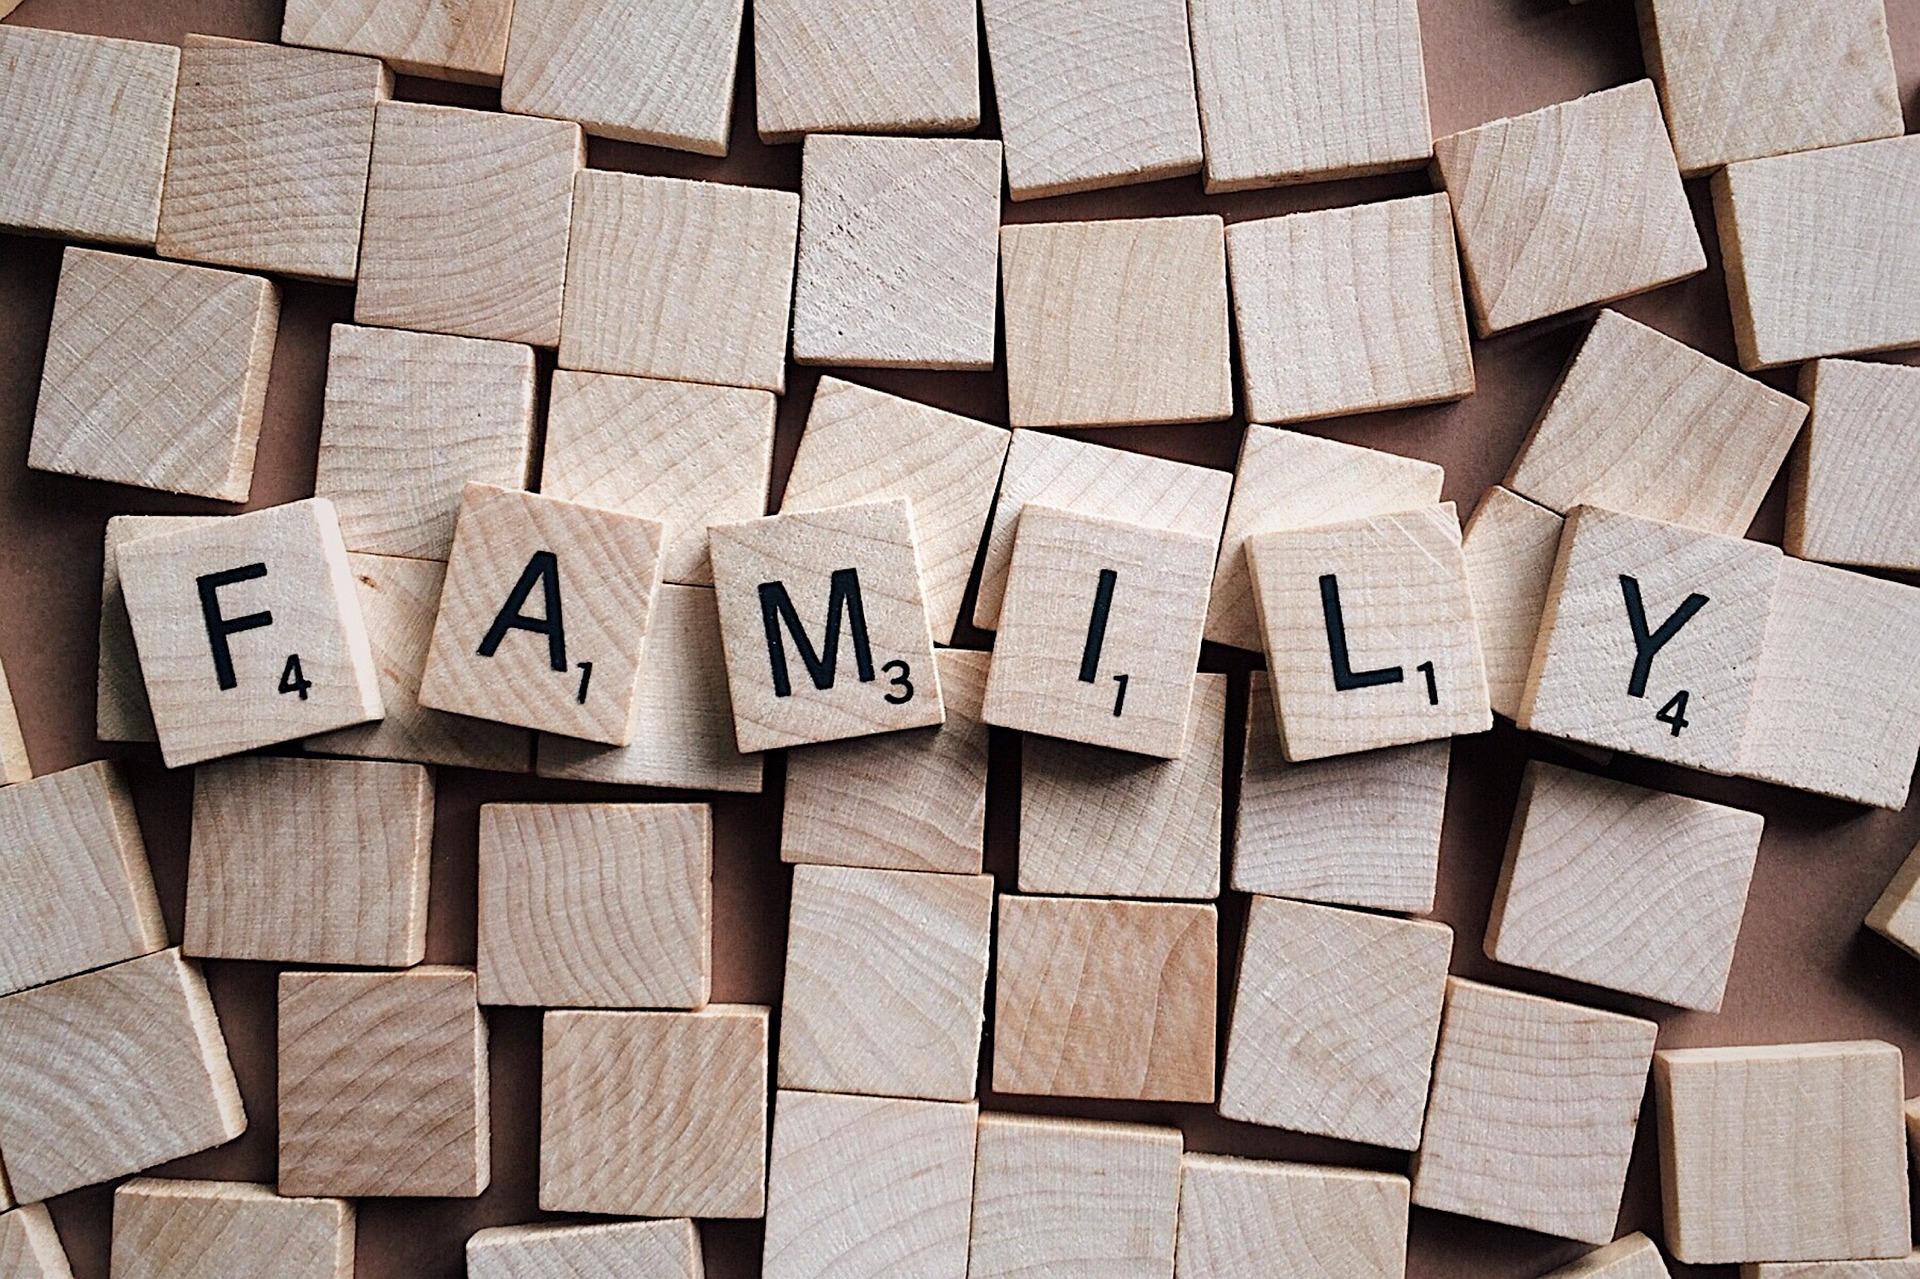 family-2355697_1920.jpg